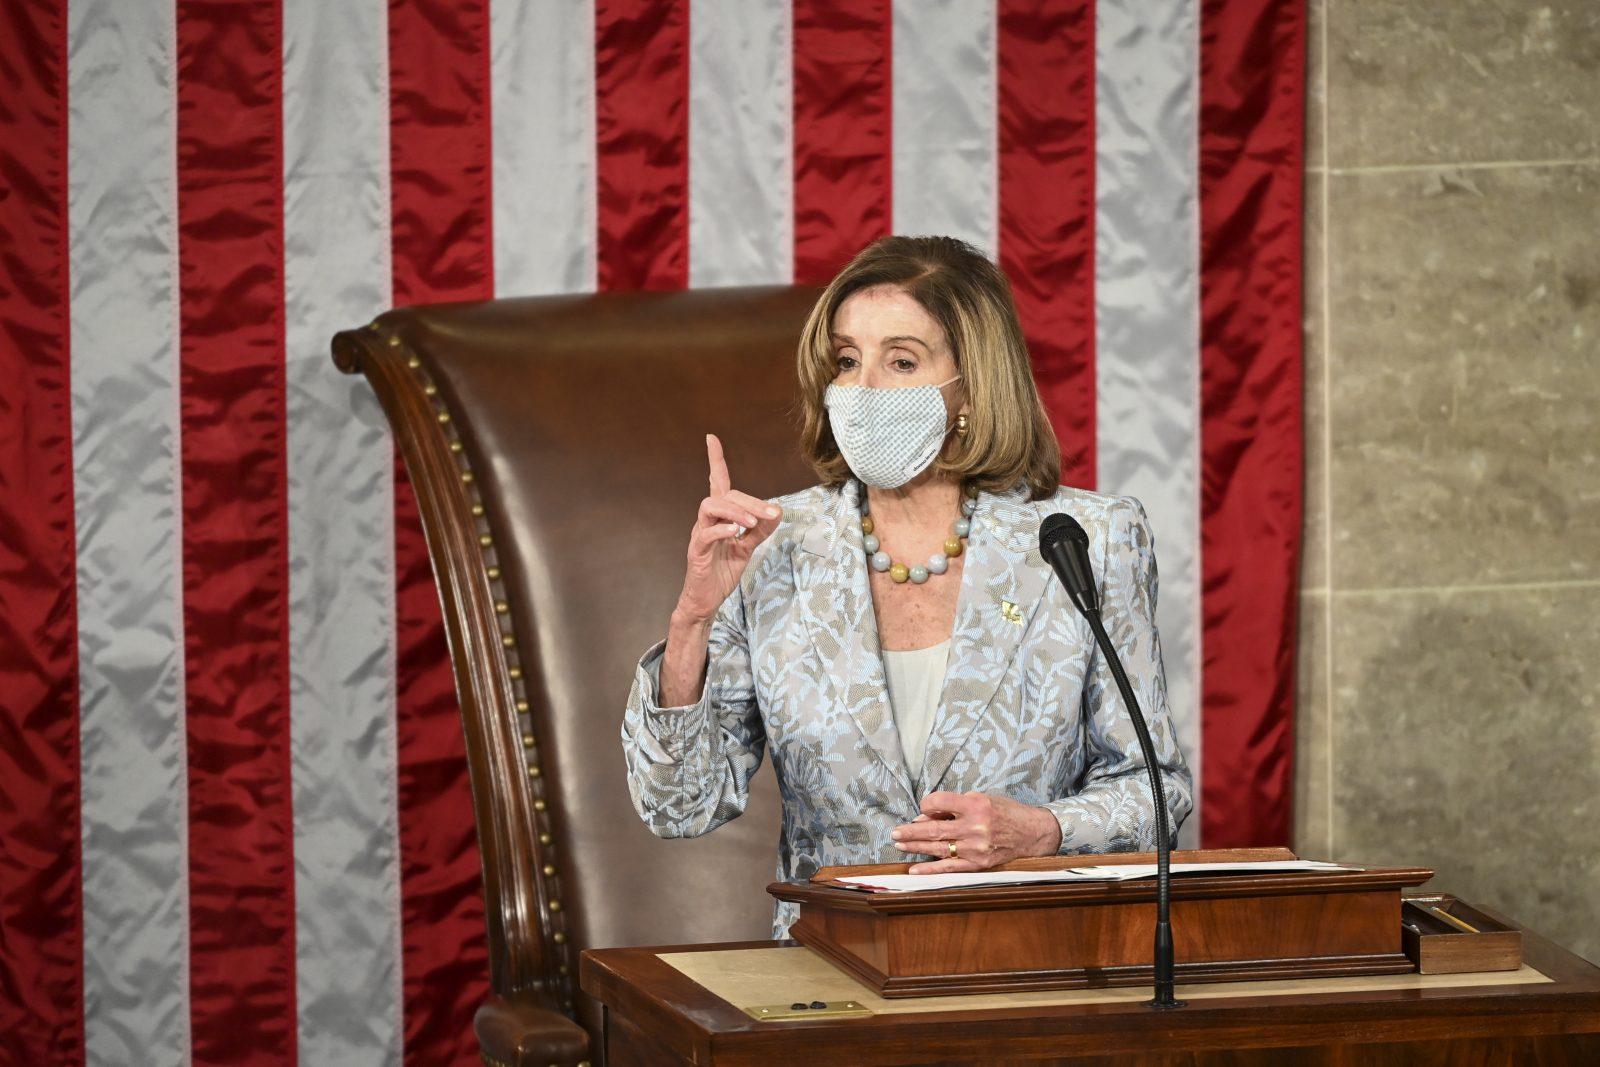 Vorsitzende der Demokraten im Repräsentantenhaus, Nancy Pelosi